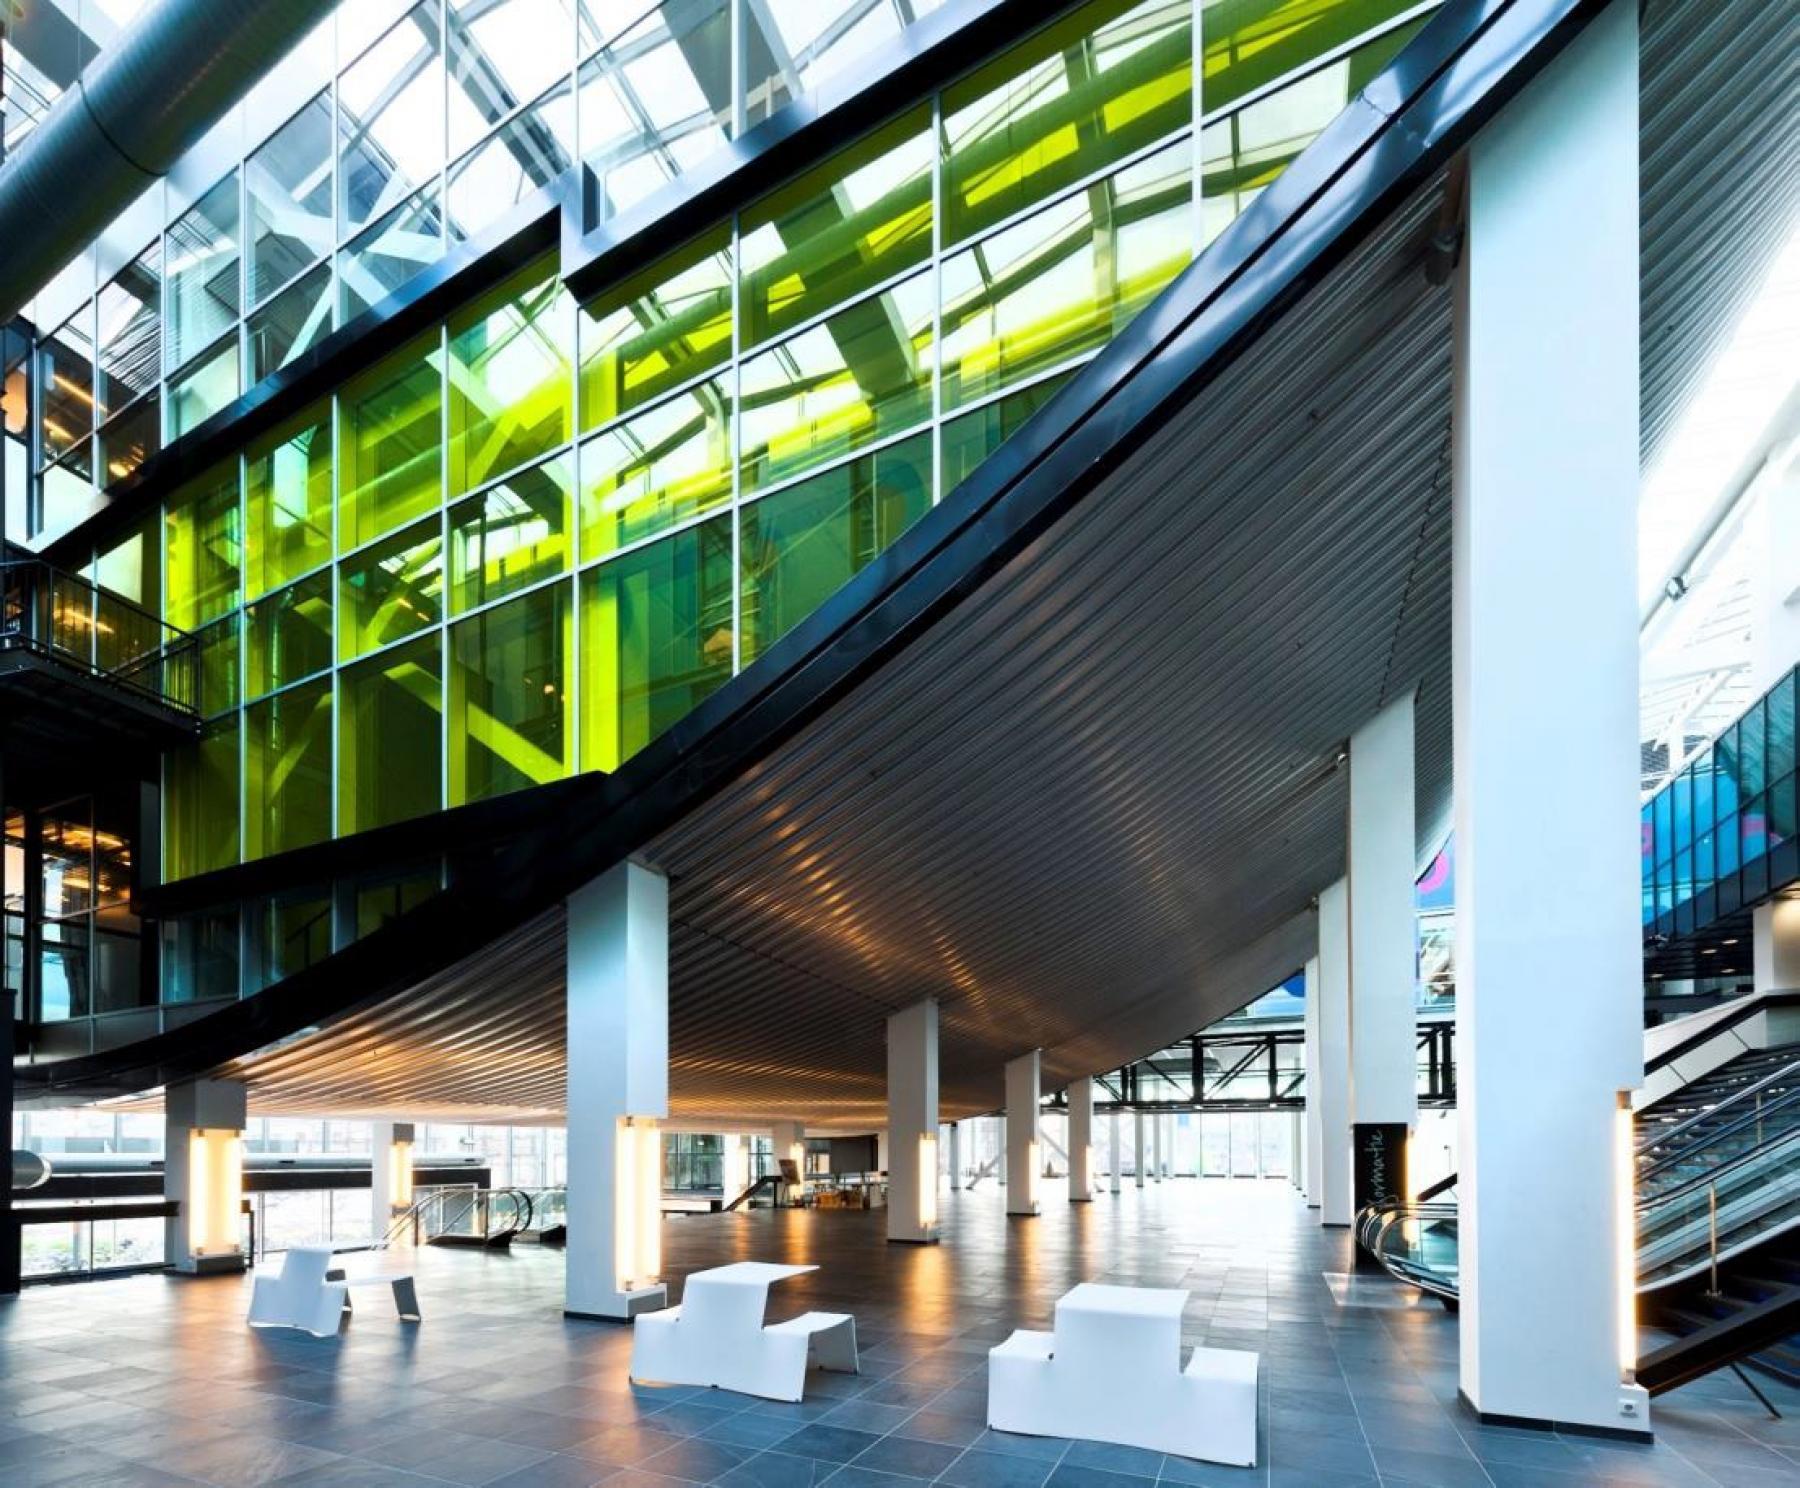 kantoorgebouw amsterdam gemeenschappelijke ruimte jacob bontiusplaats